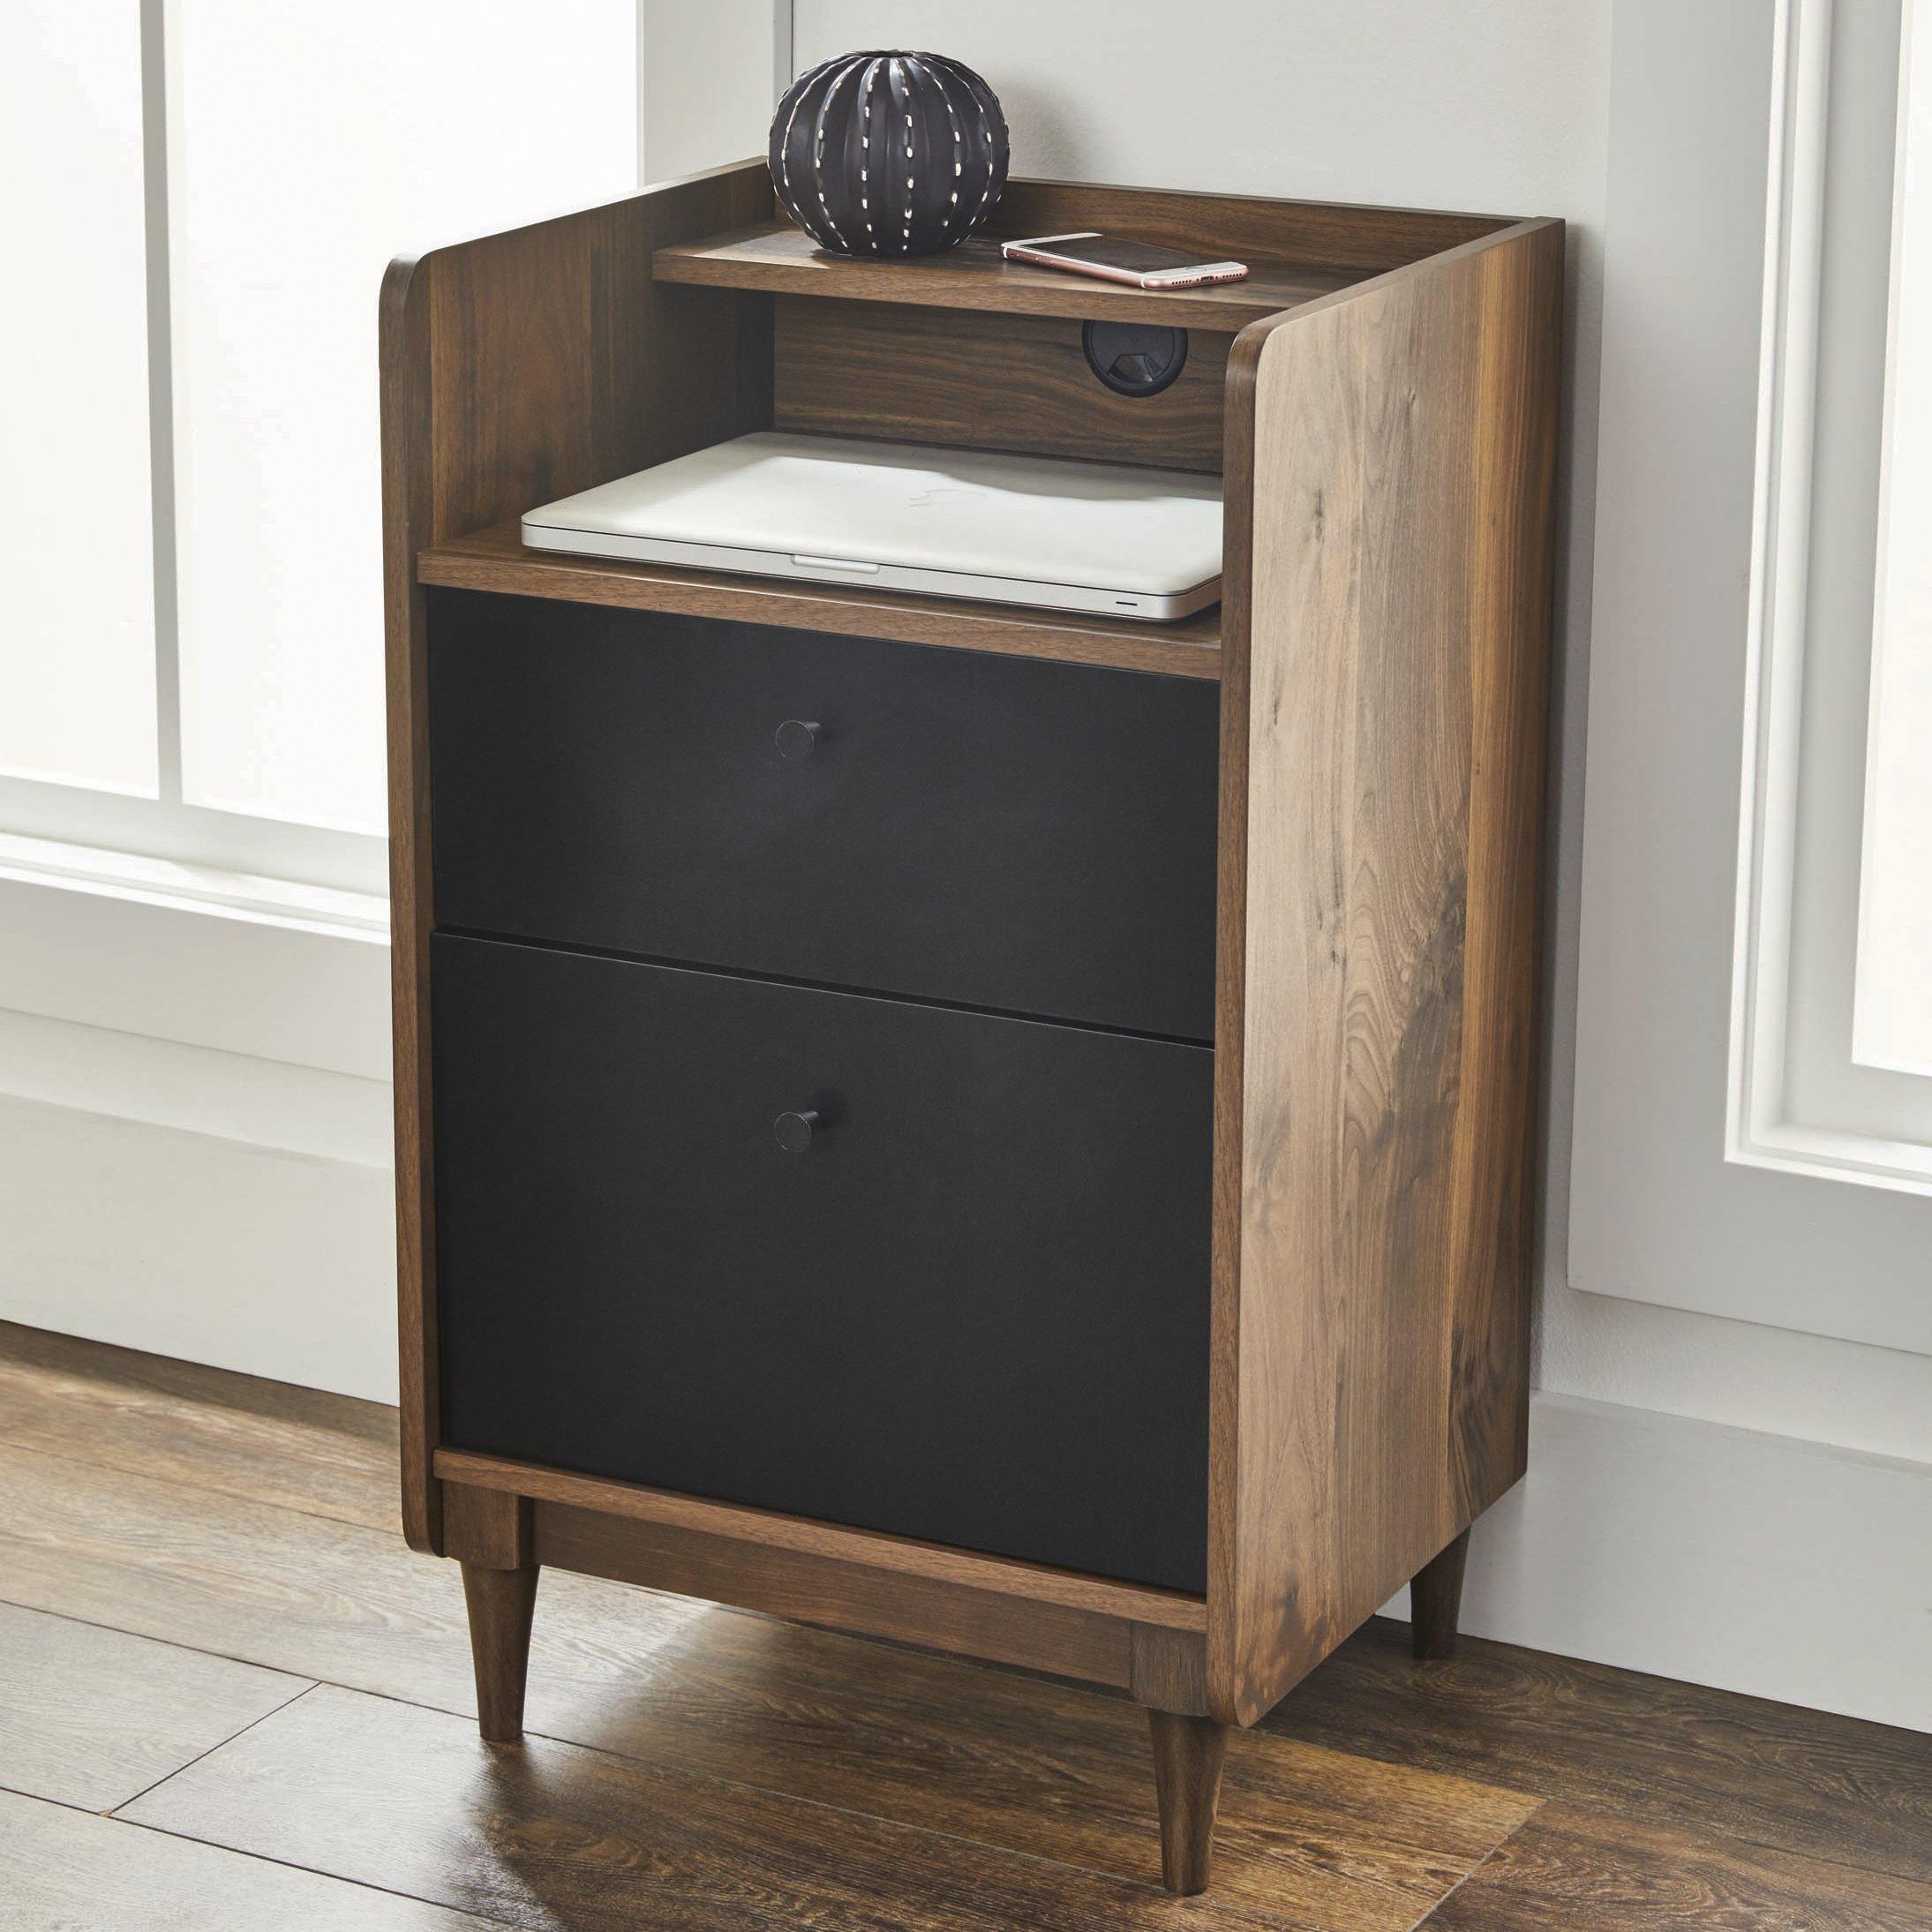 Better Homes and Gardens Montclair Pedestal File Cabinet, Vintage Walnut Finish